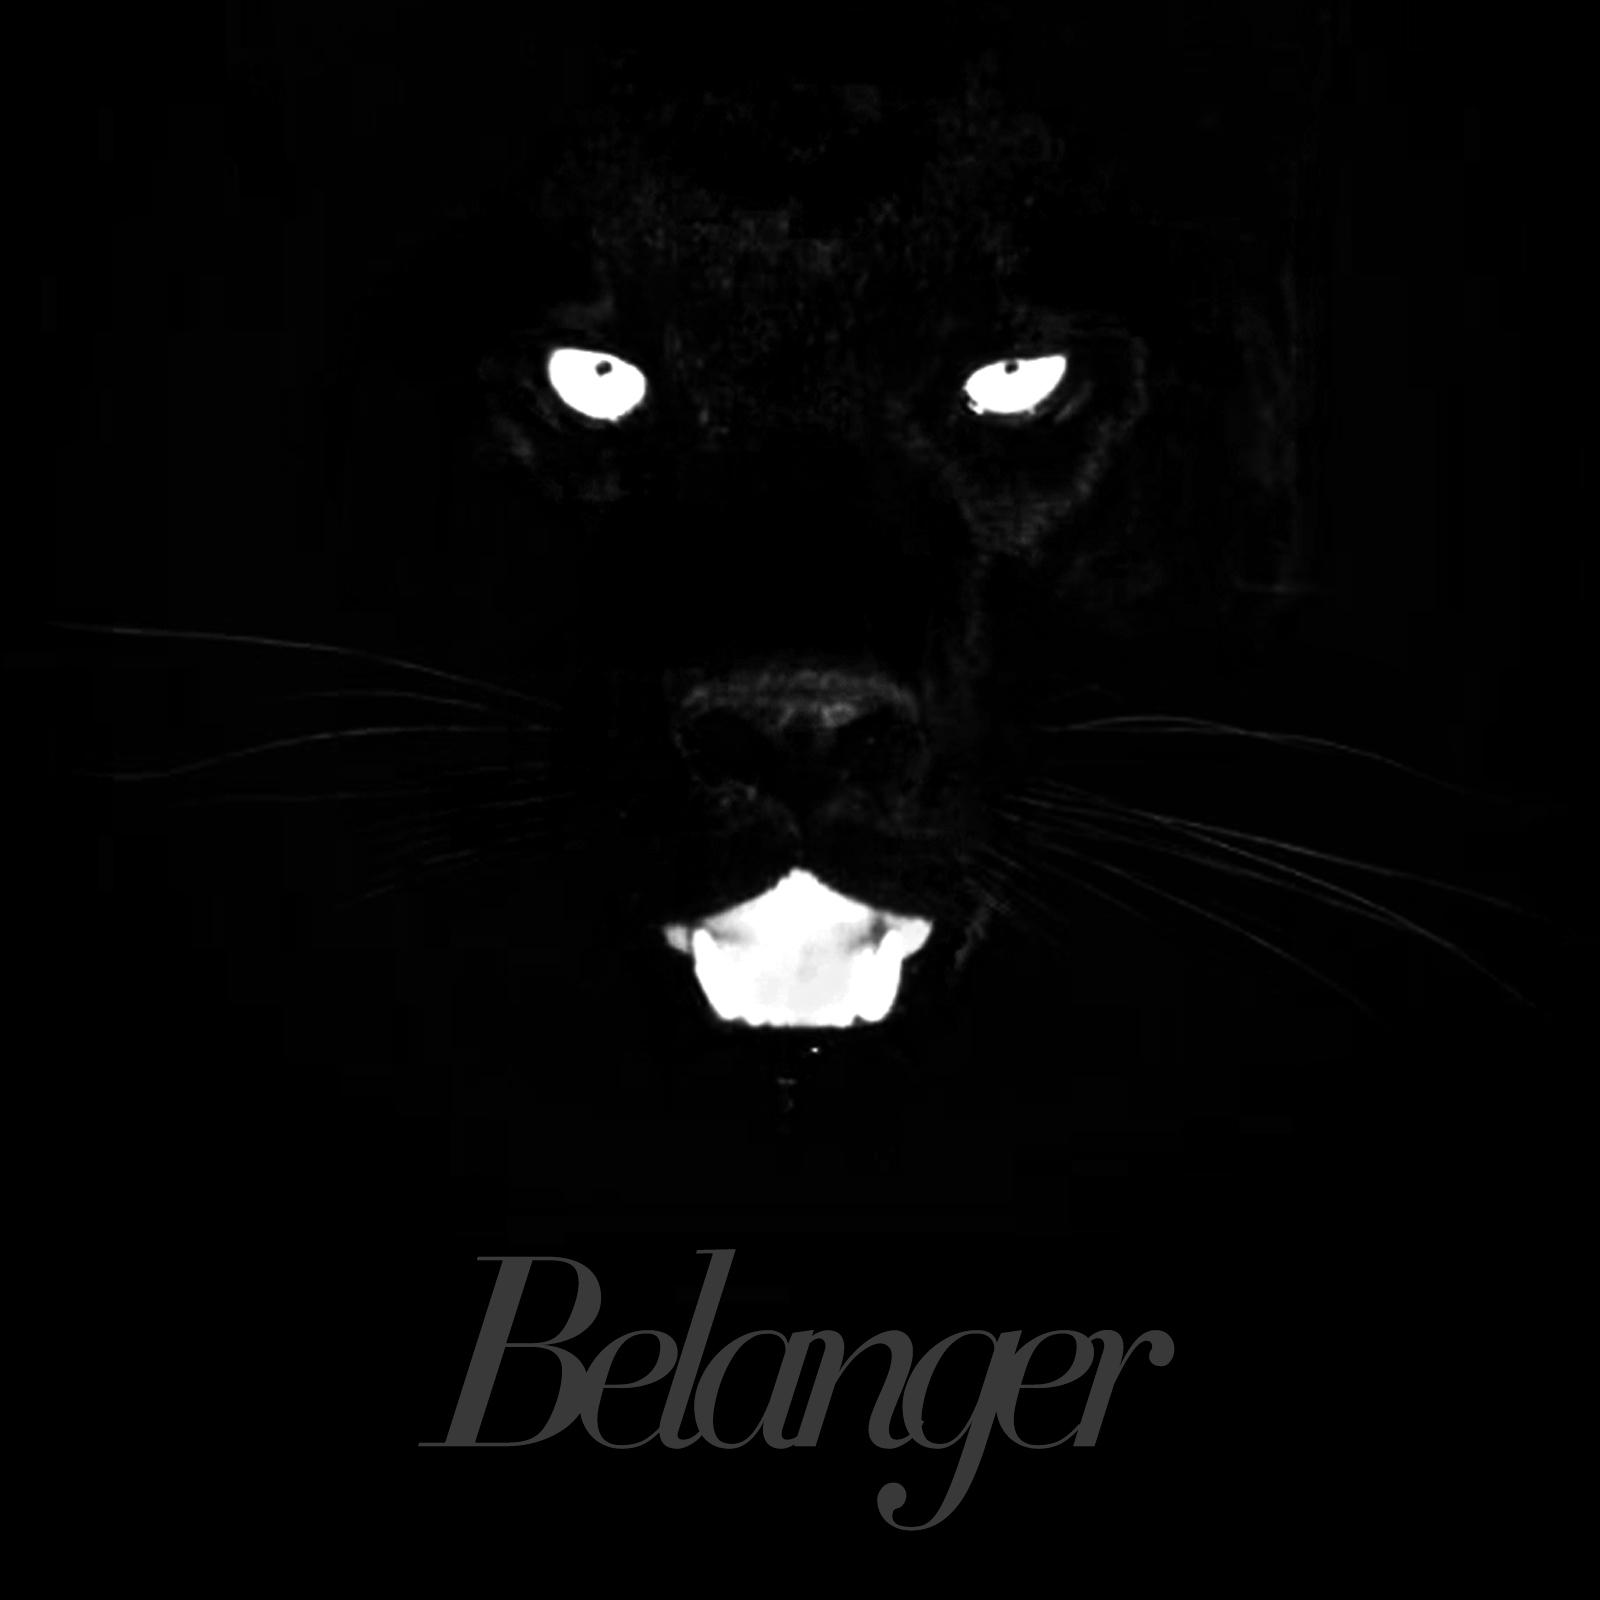 Belanger // Calico